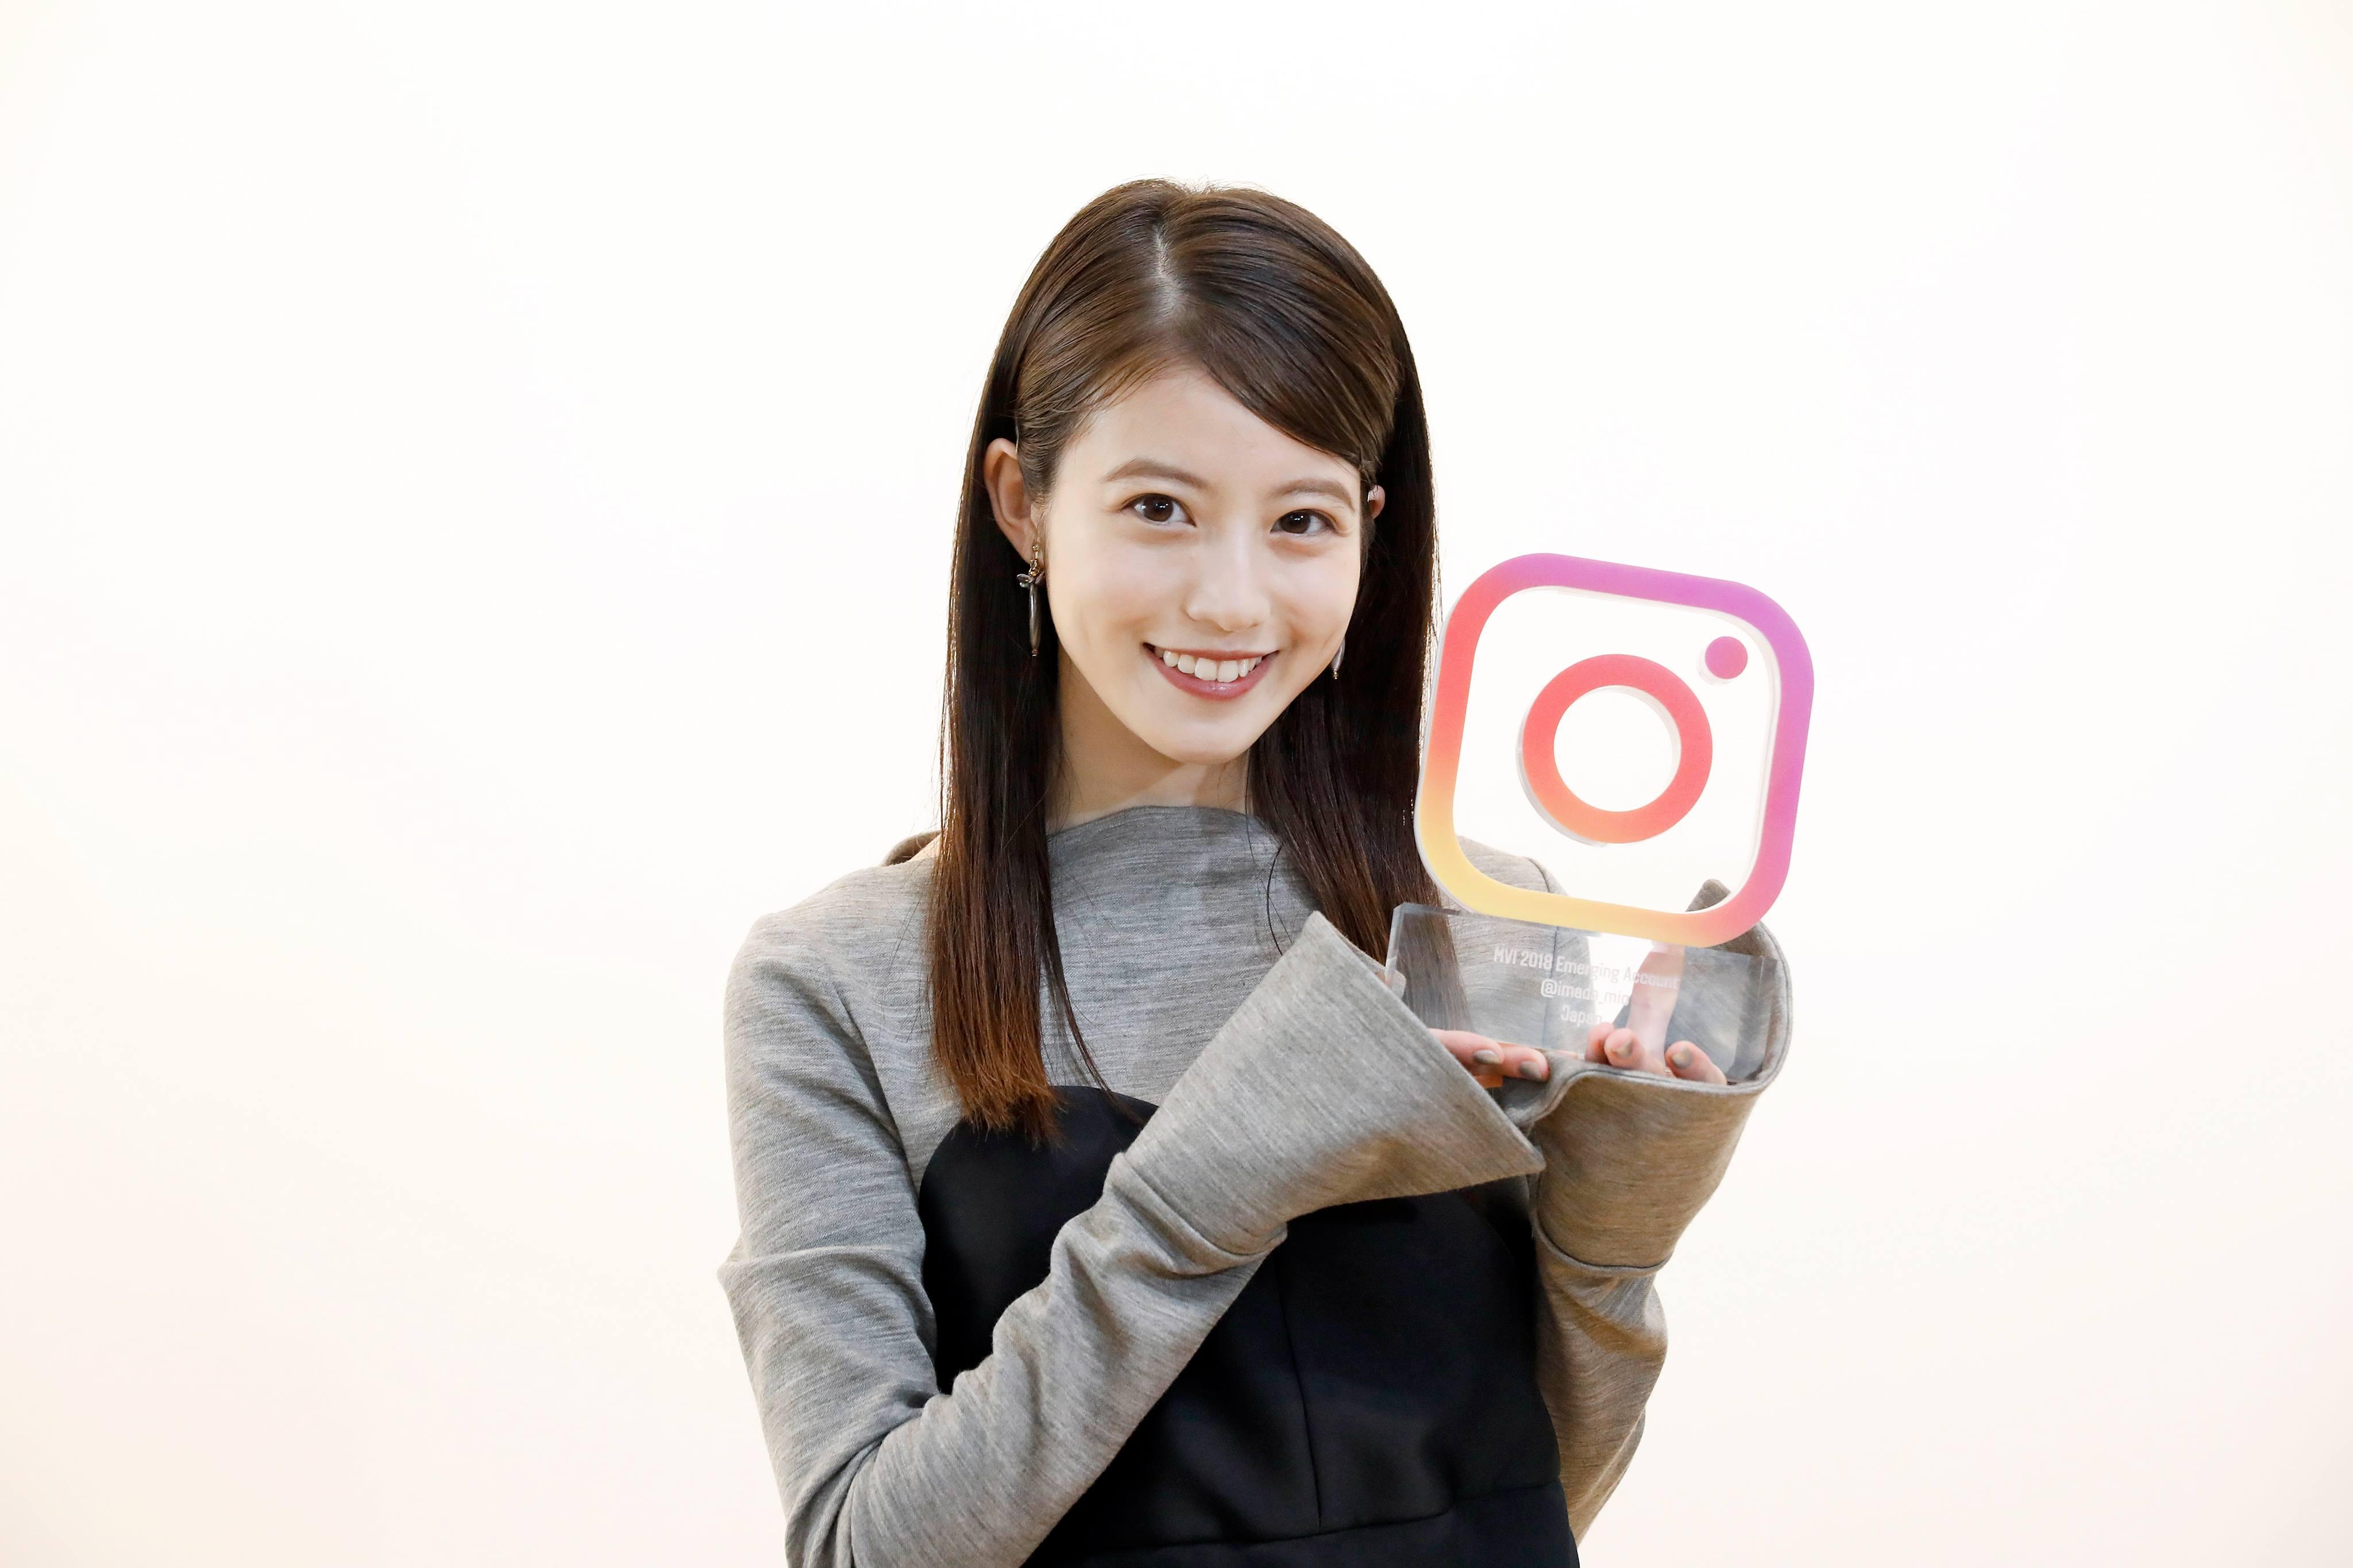 インスタグラム、2018年の人気ハッシュタグ・スポットを発表〜最も輝いた著名人は渡辺直美・今田美桜